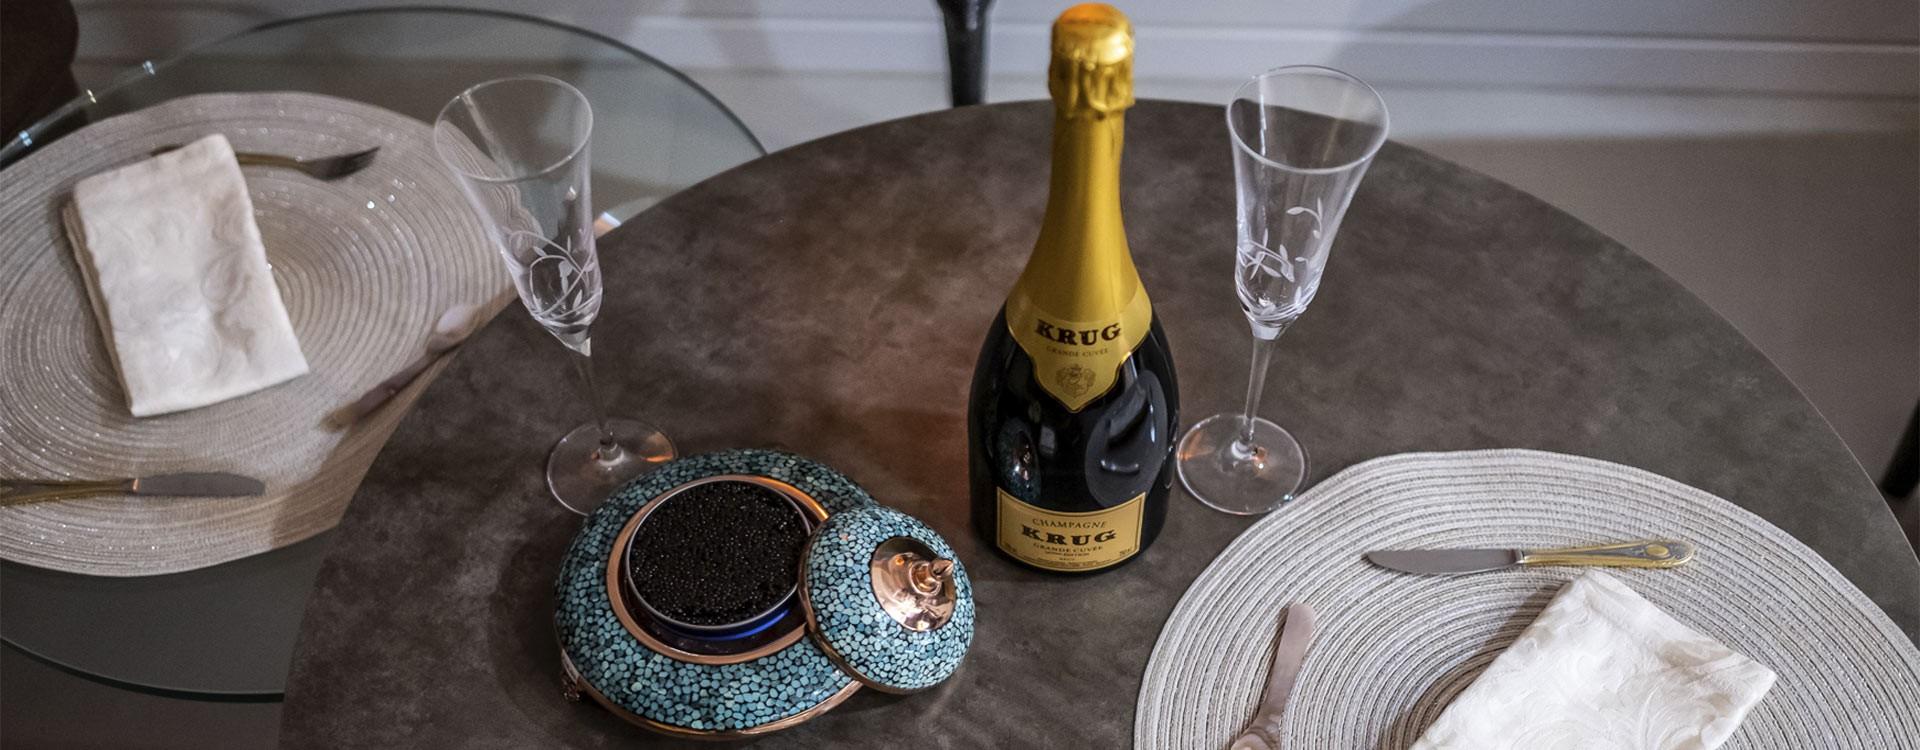 Accessoires pour caviar vente en Suisse